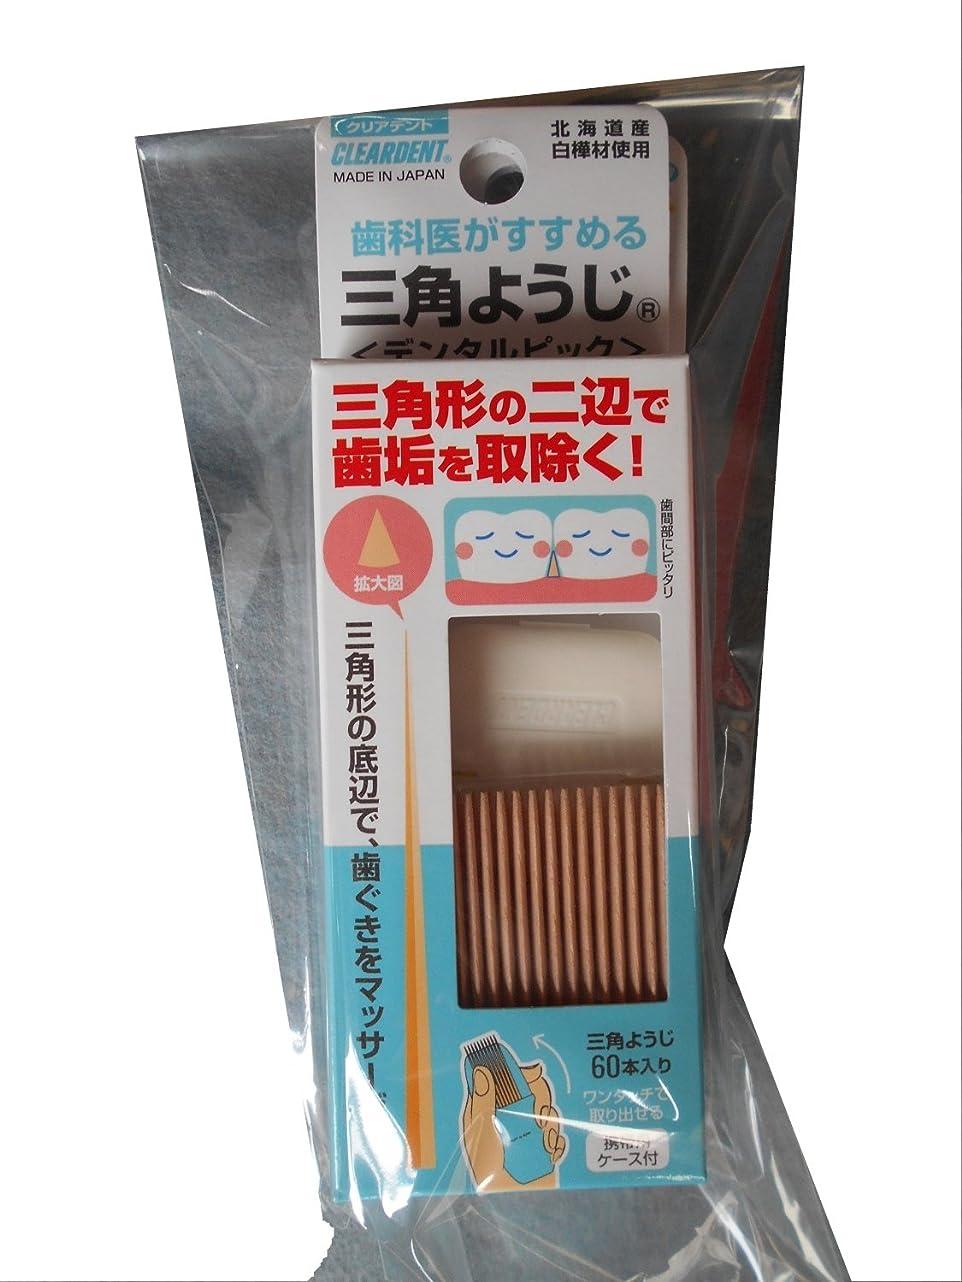 下る味わうスチュアート島クリアデント三角ようじ 120本 (60本入×2個)